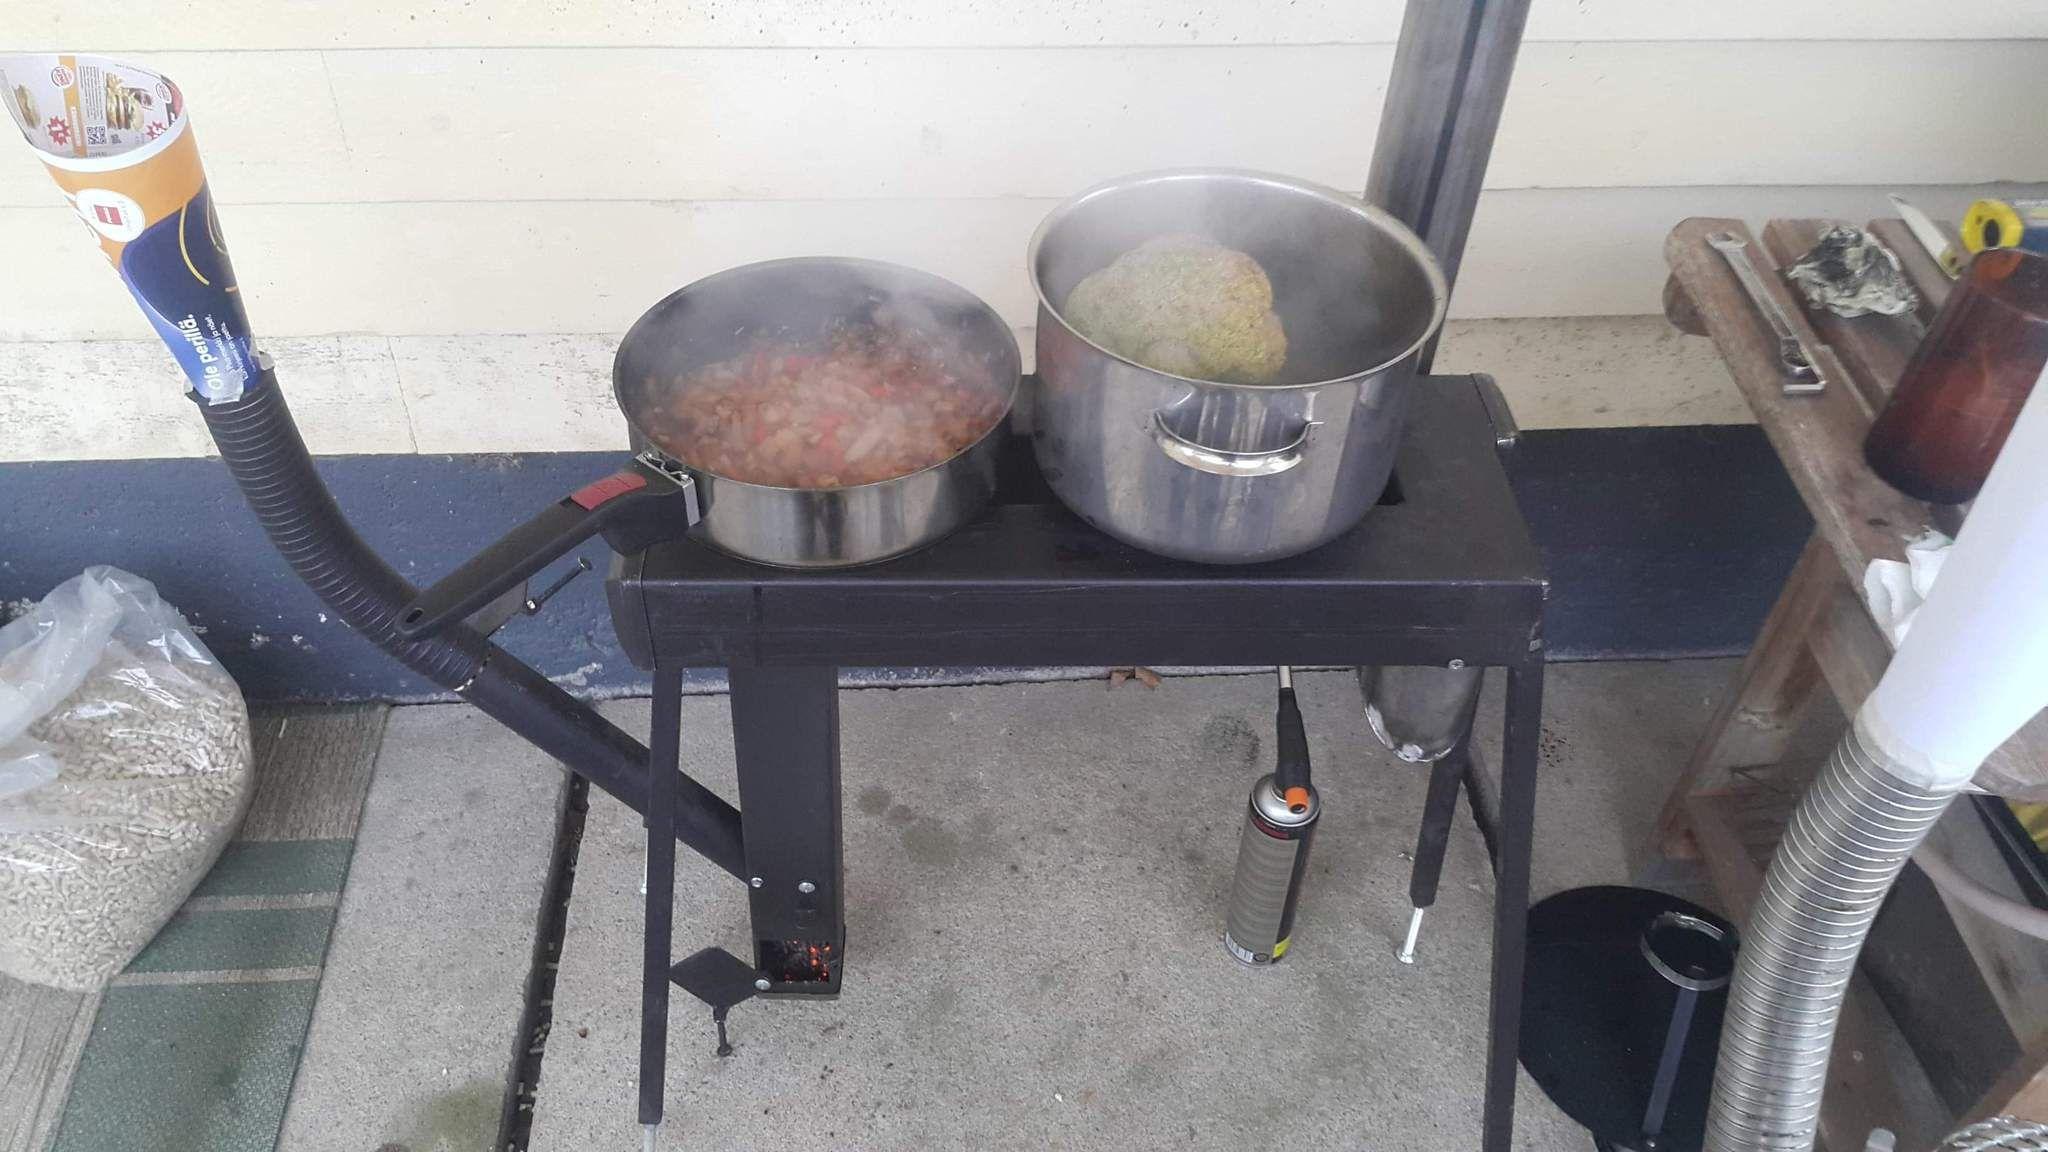 CHP-CS Wood Pellet Stove Tent Camp Cooktop Heat Exchanger ...